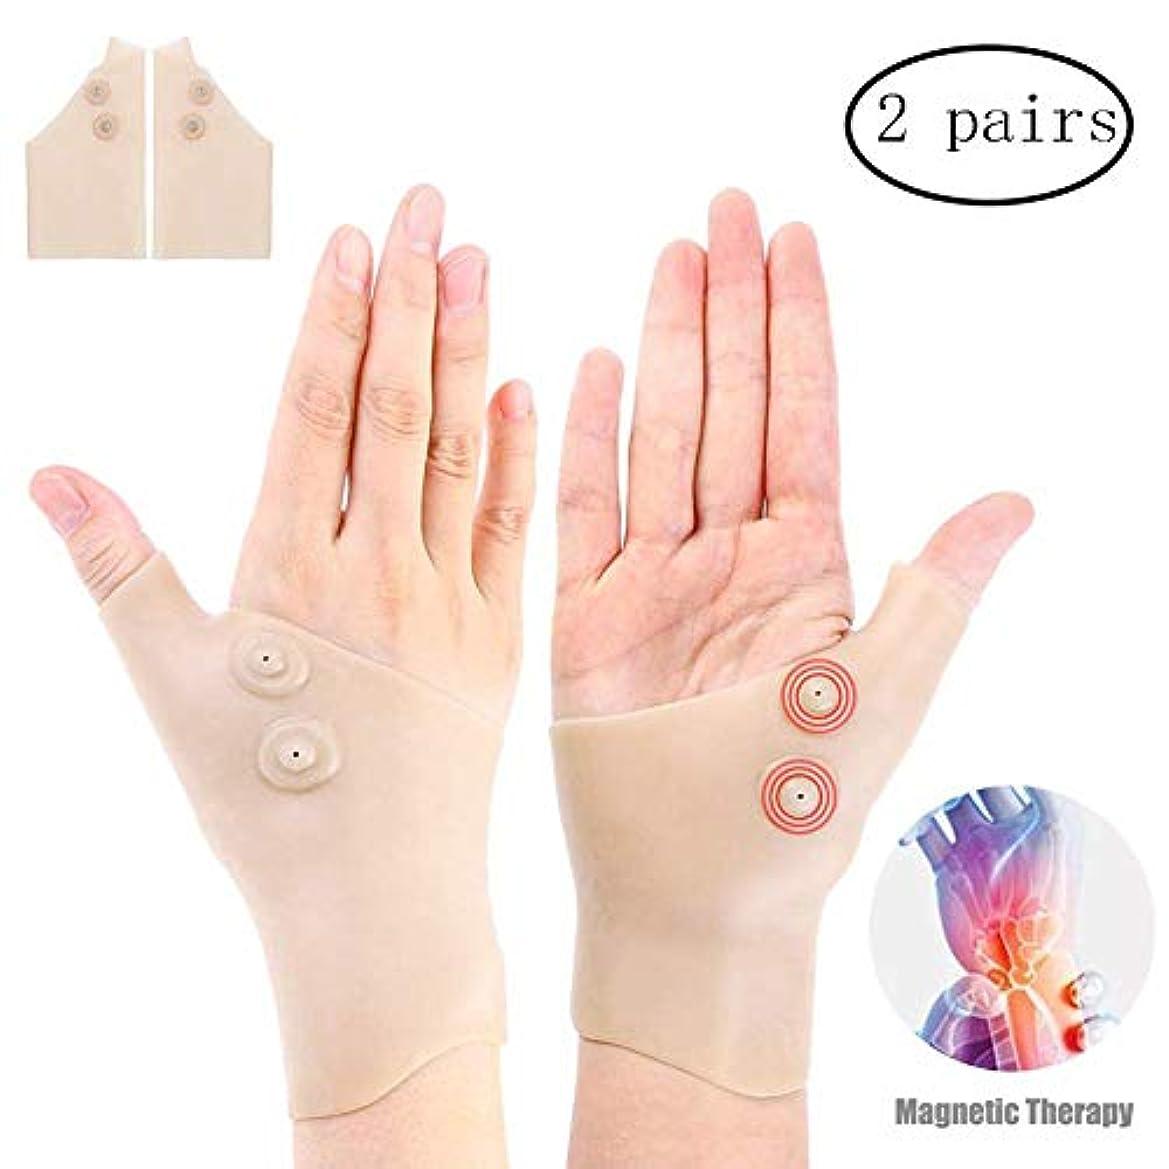 それから文法非公式関節炎の圧縮の手袋、手根管のための磁気通気性のゲルの手首の親指のブレースの苦痛救助手袋、コンピュータタイピング(2組)